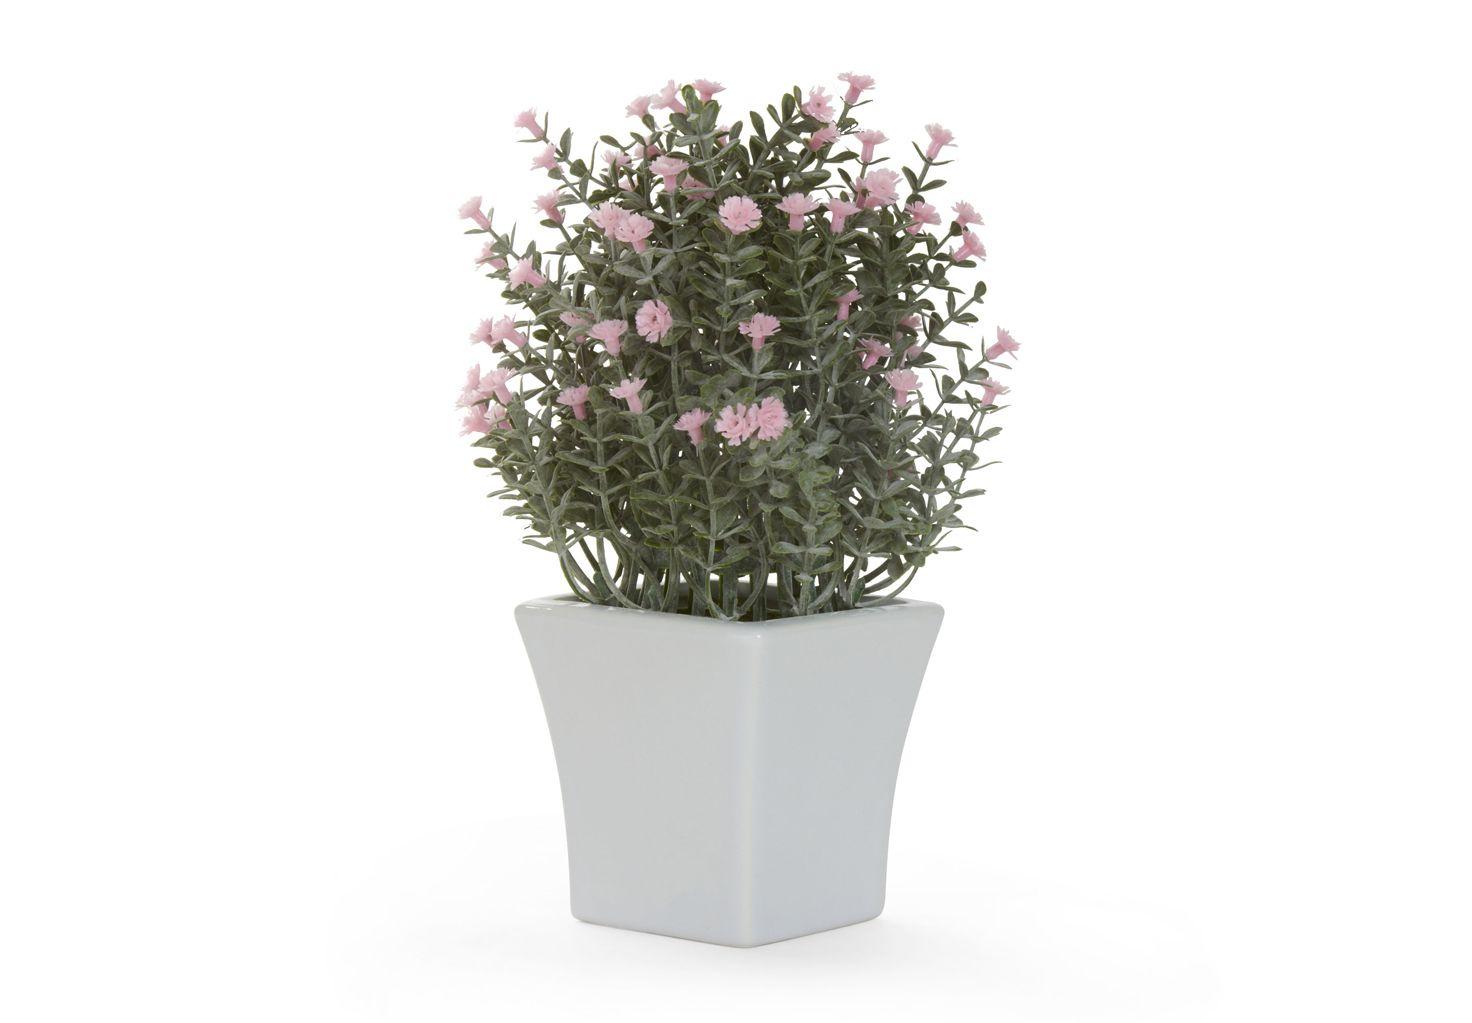 Arbusto De Flores Rosas En Maceta De Cerámica Blanca